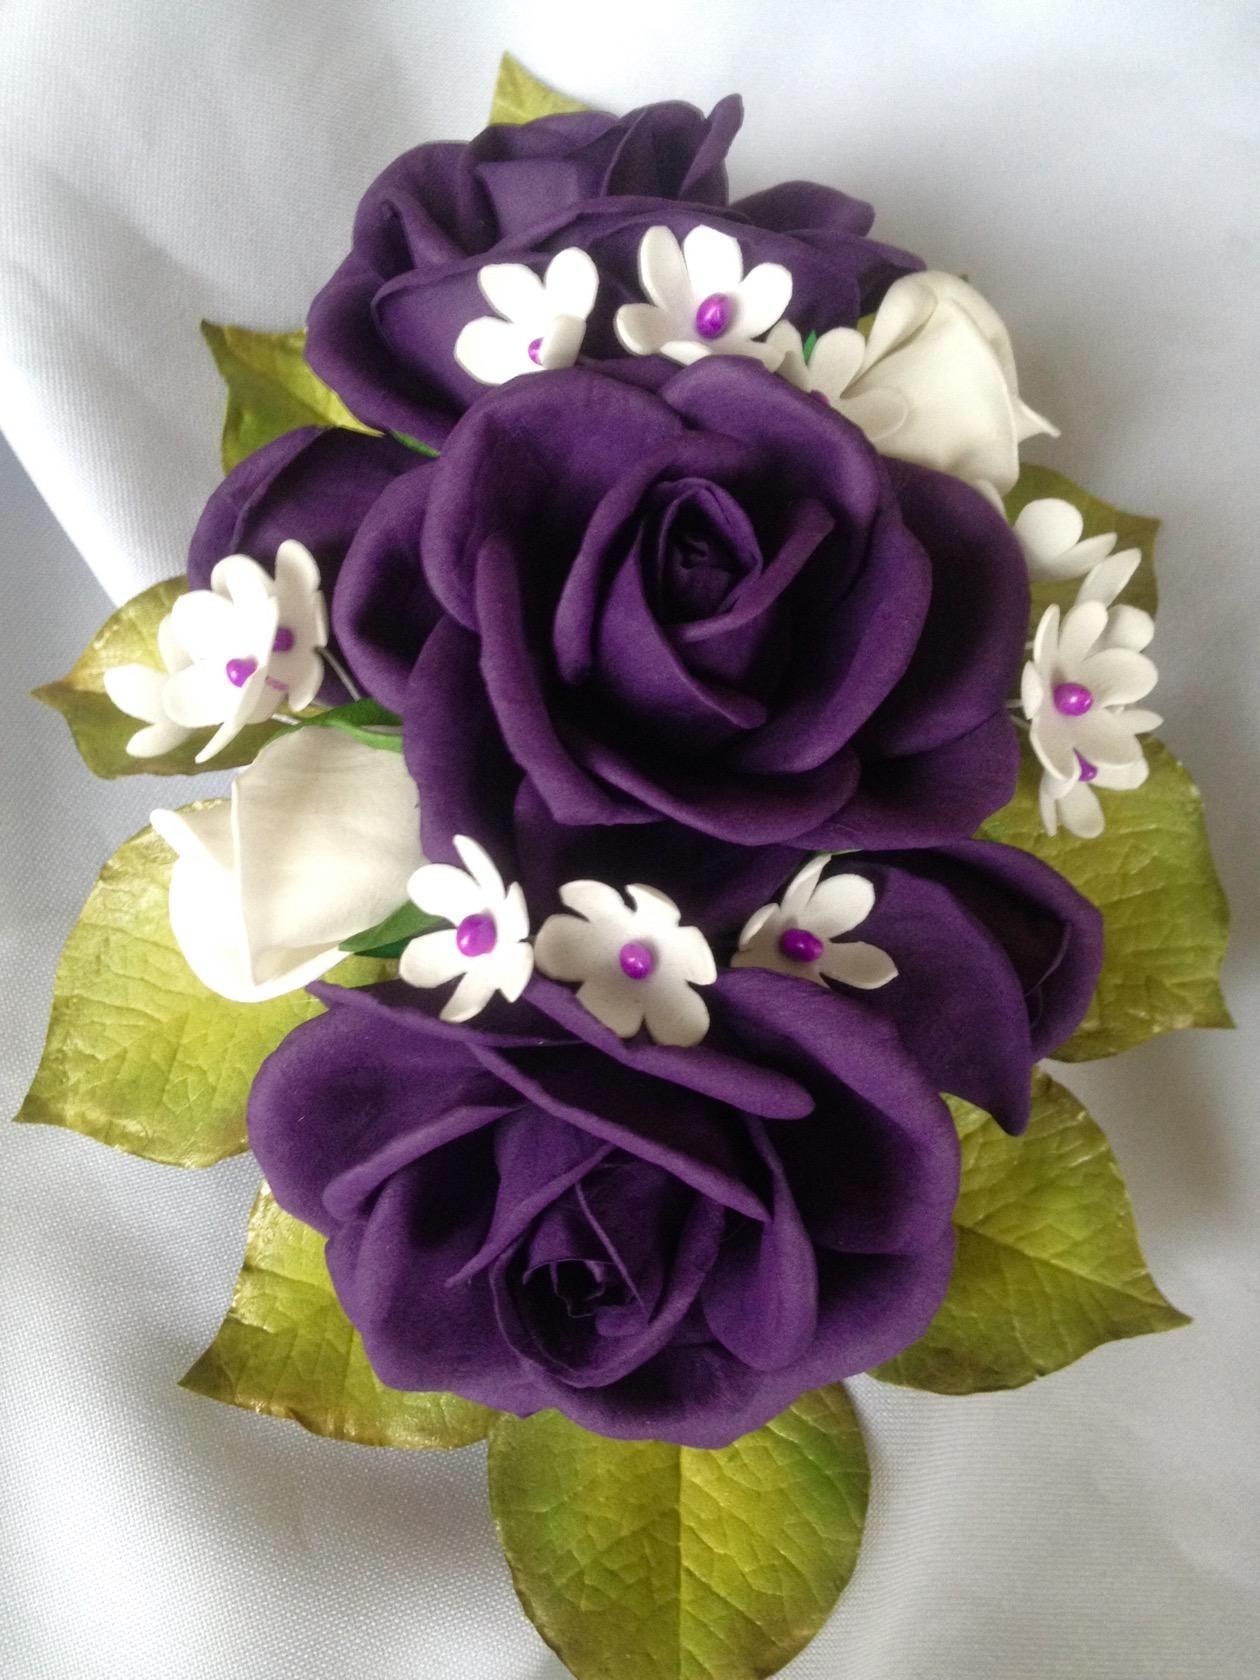 Flores. Ramos de flores. Fotos de flores. Rosas